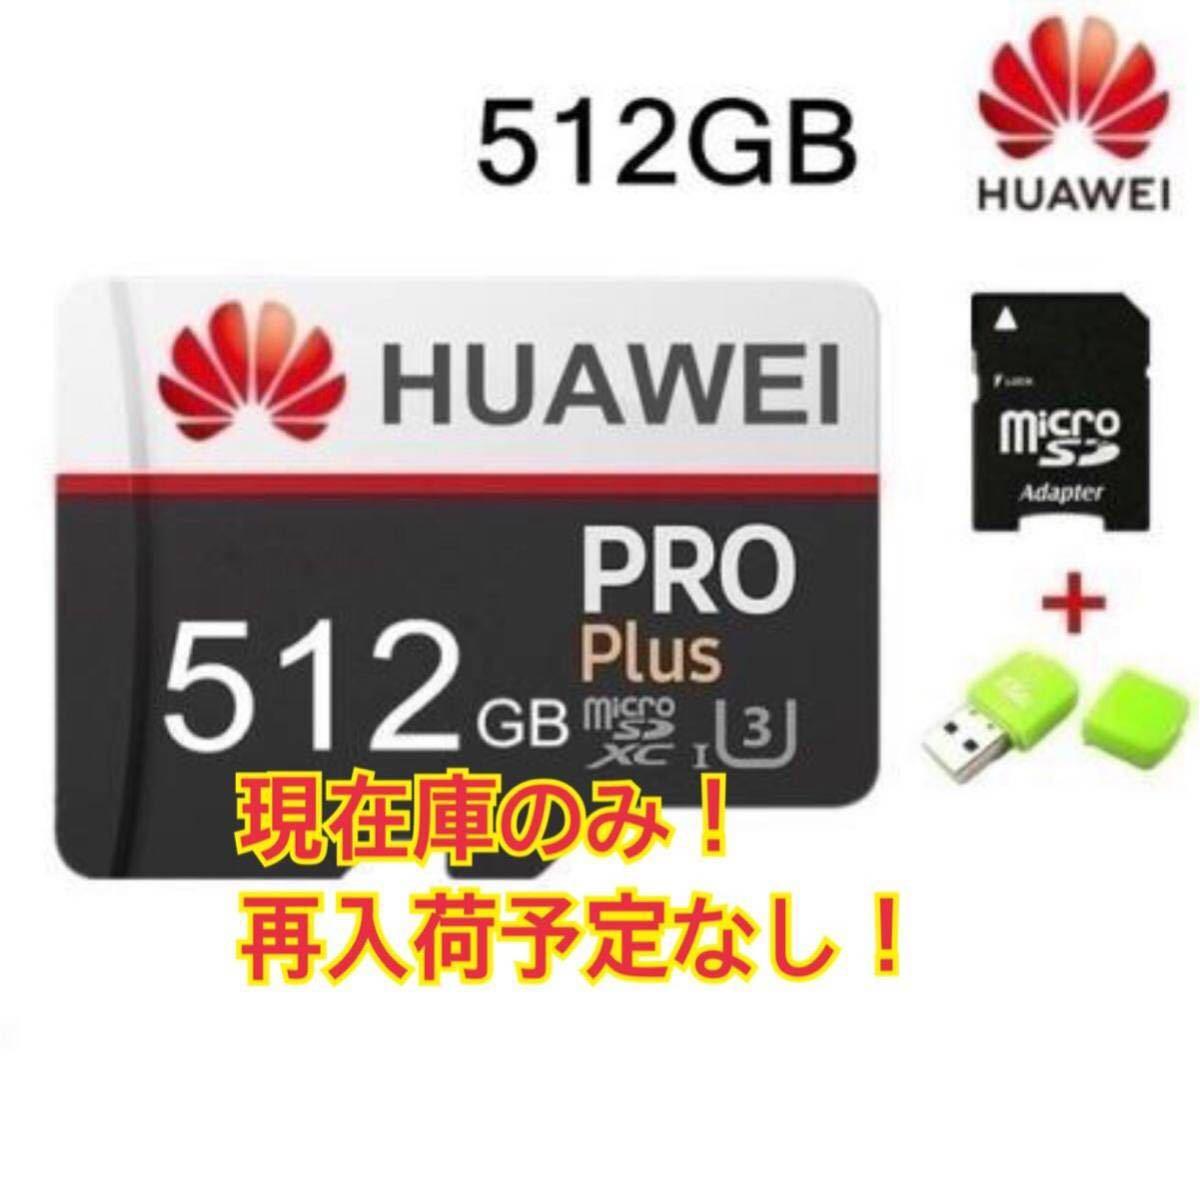 1円スタート! 【新品未使用】 HUAWAI社製 マイクロSDカード512GB, アダプタ付 ⑰